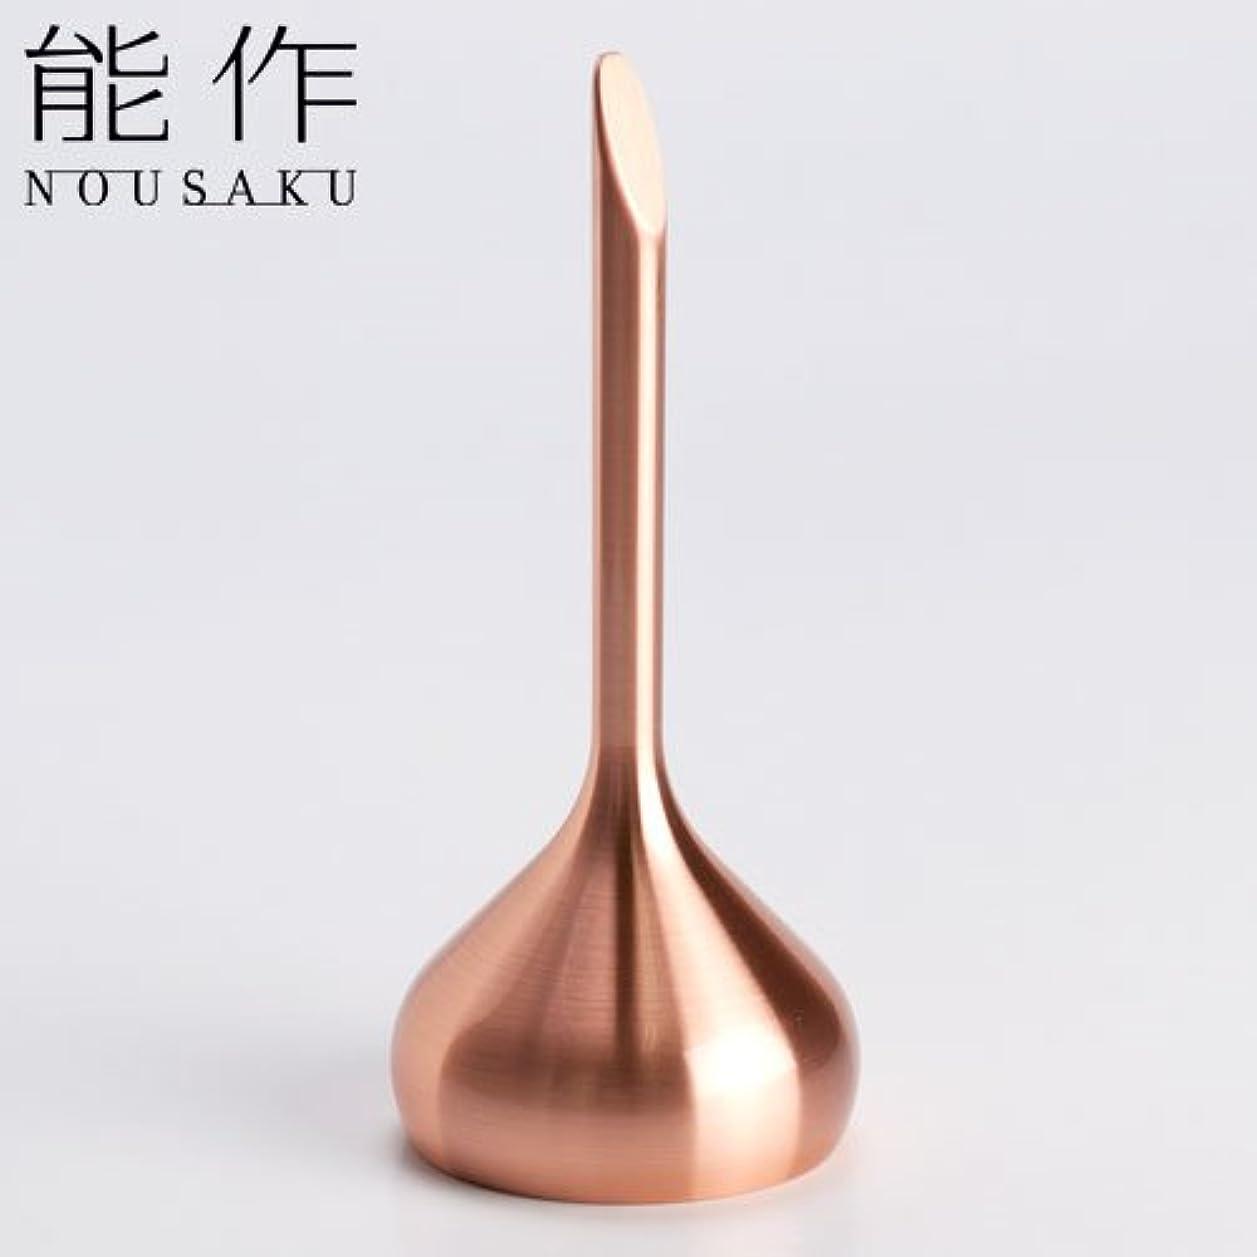 解放するドライスライス能作 ベル(呼び鈴)オニオンピンクゴールド能作真鍮製のインテリア?ホームアクセサリー卓上ベル